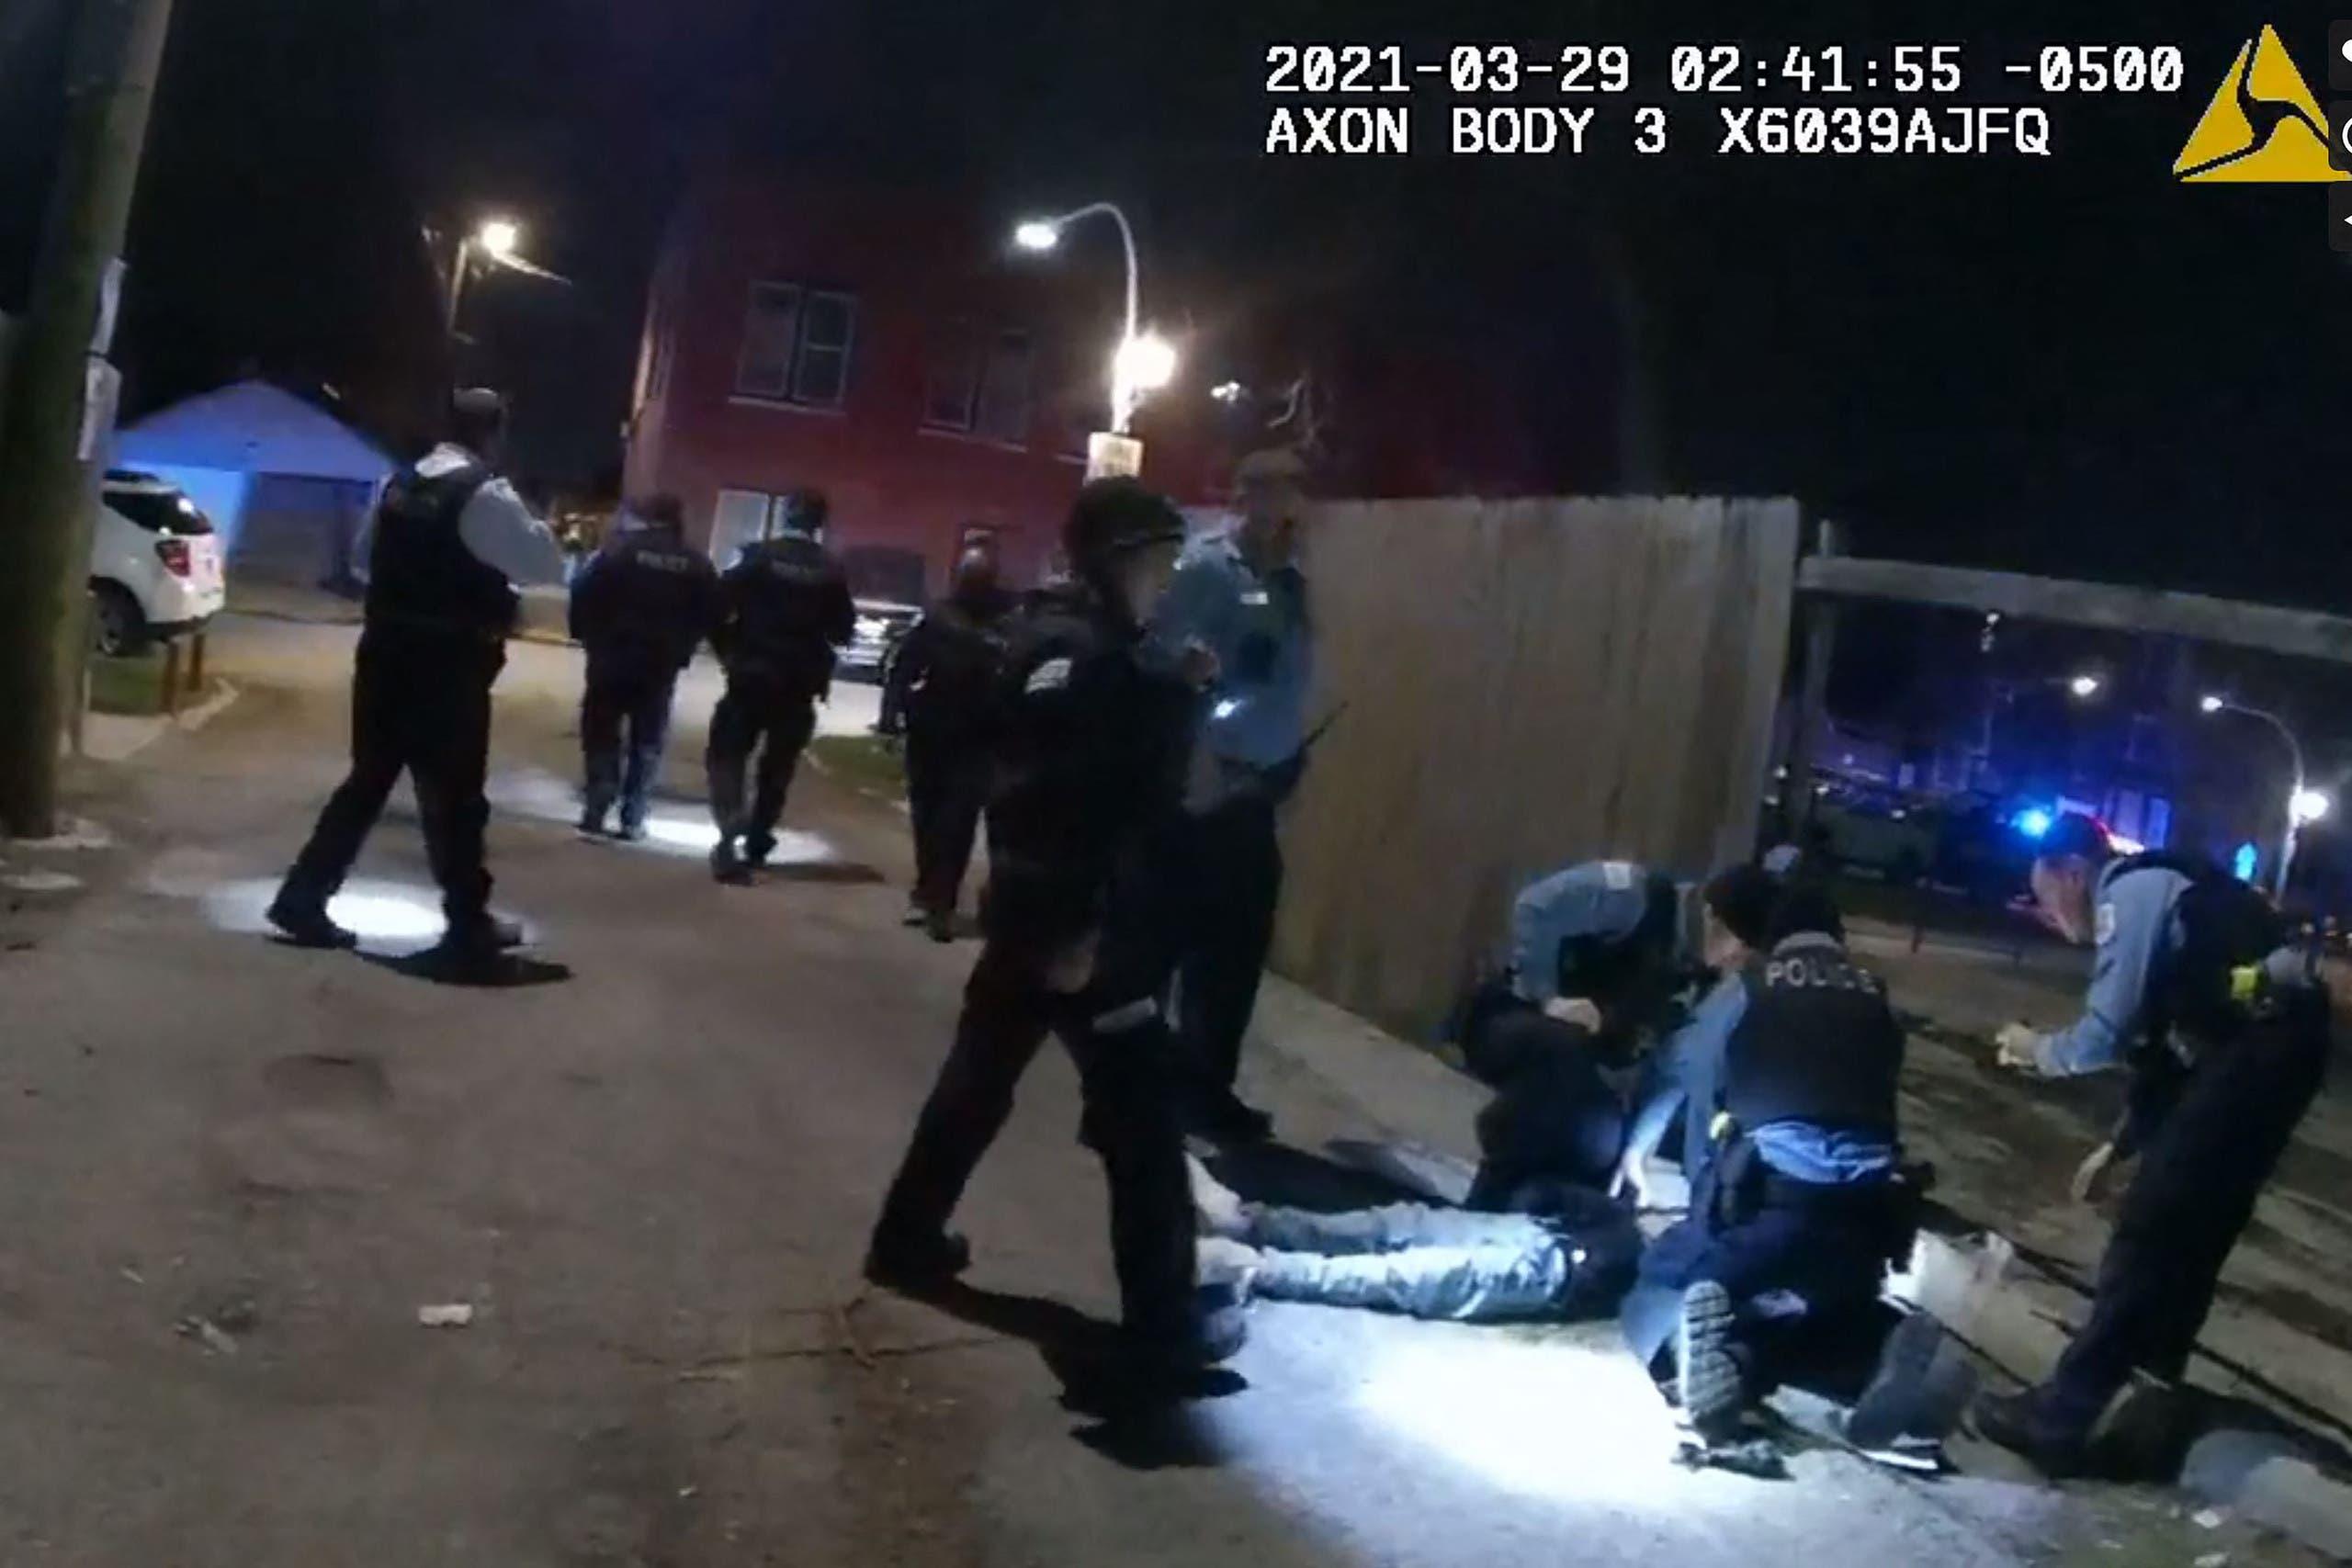 لحظة إطلاق النار على المراهق في شيكاغو - فرانس برس